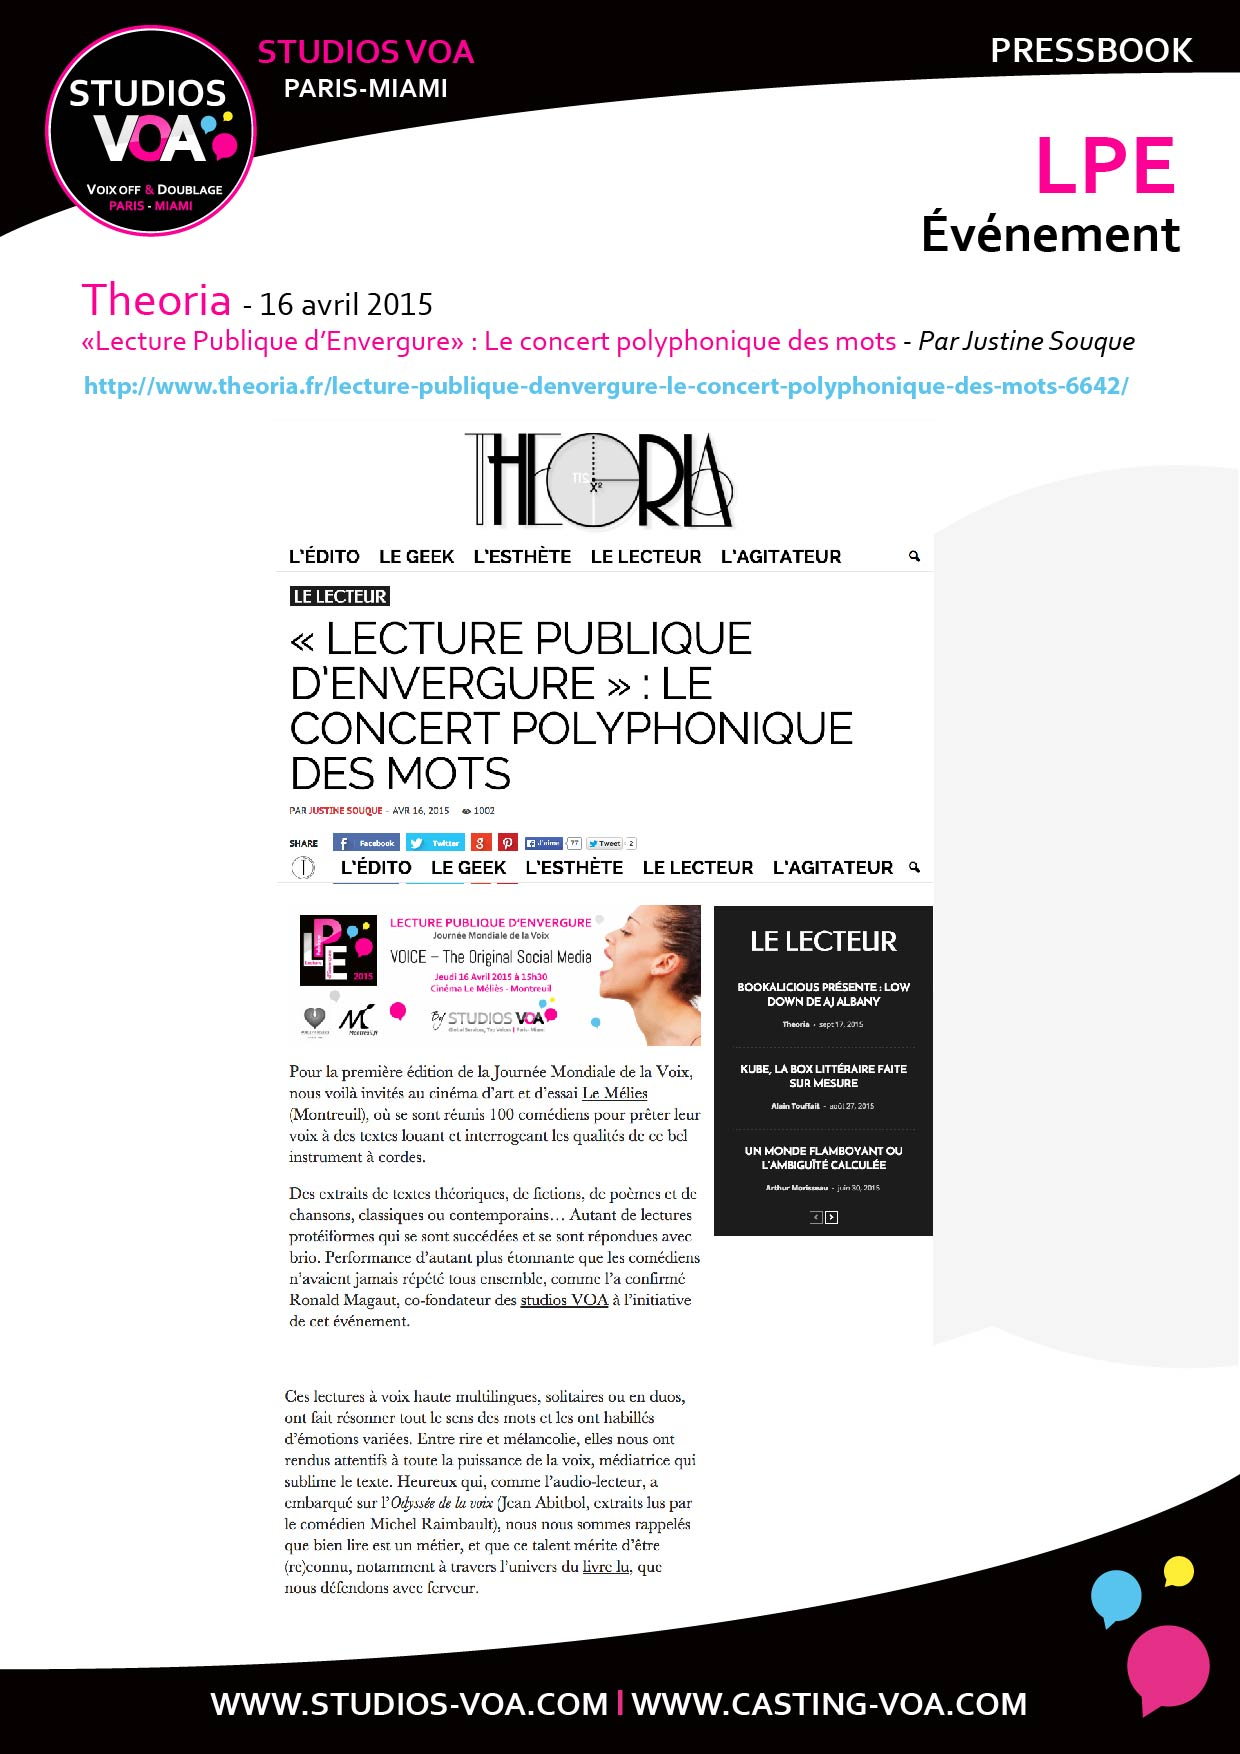 Pressbook-VOA_160122_Plan-de-travail-21